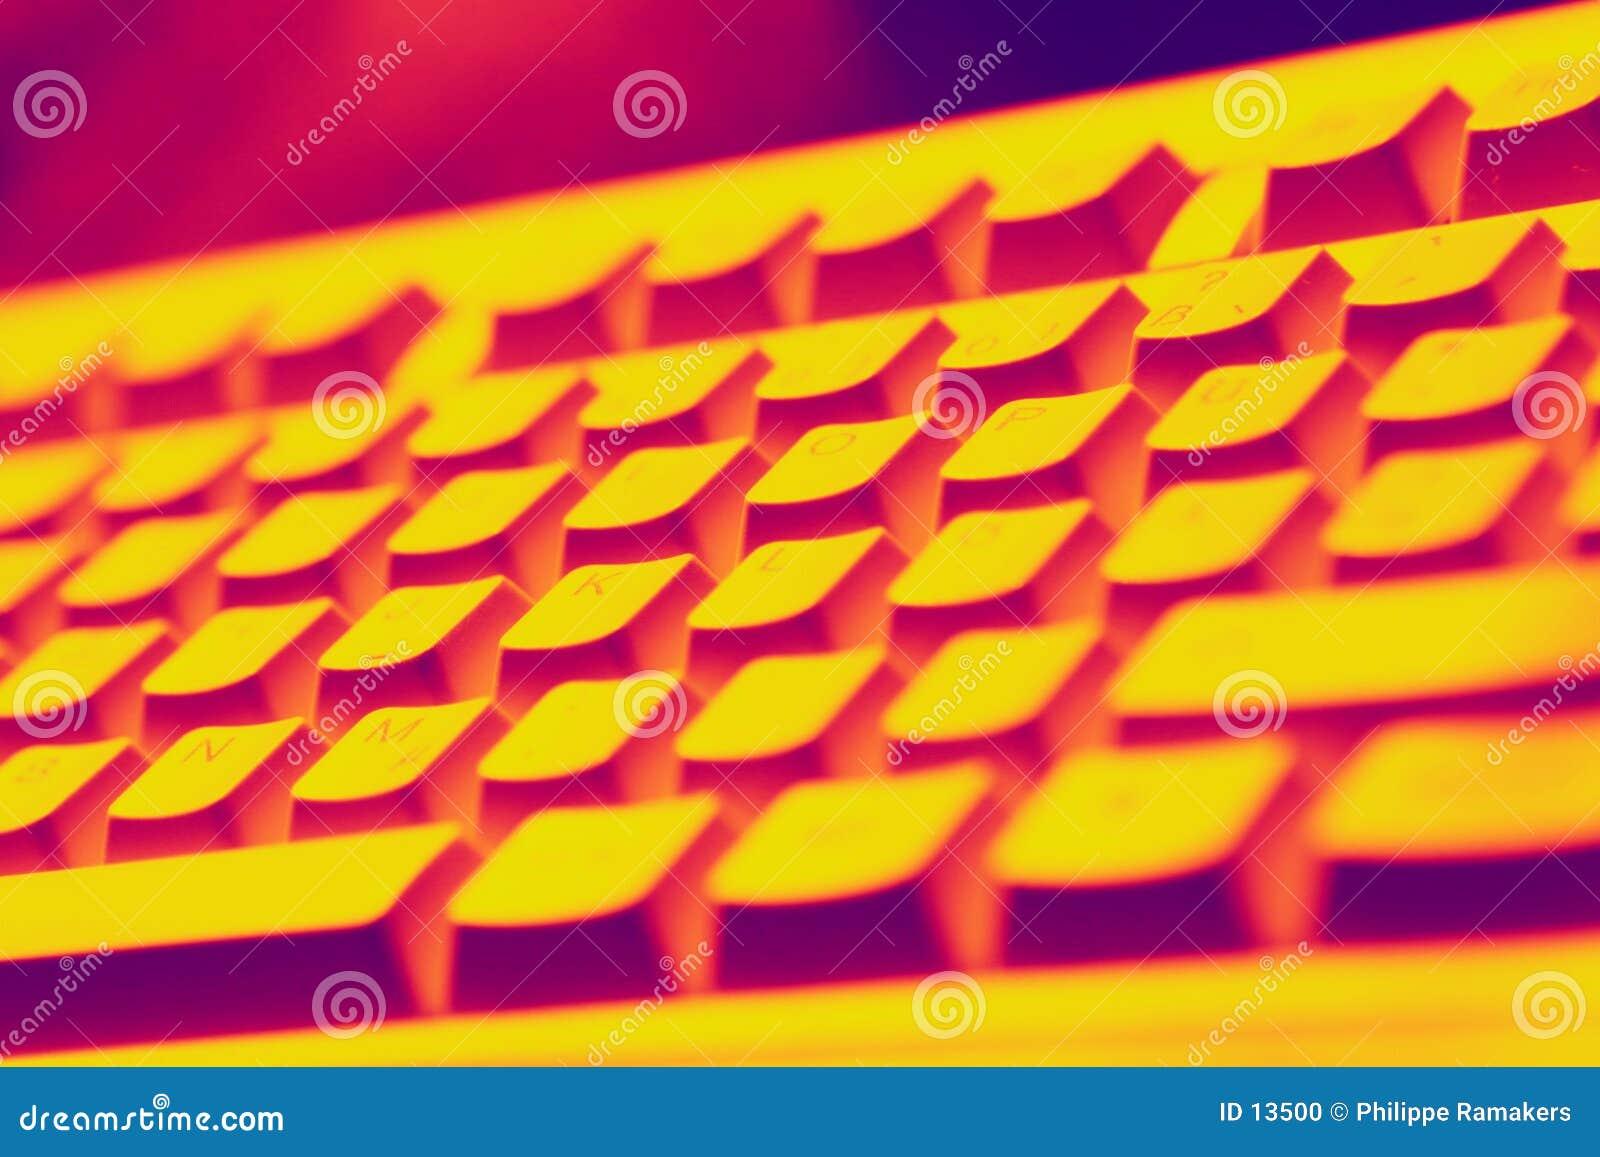 Visibilité de clavier